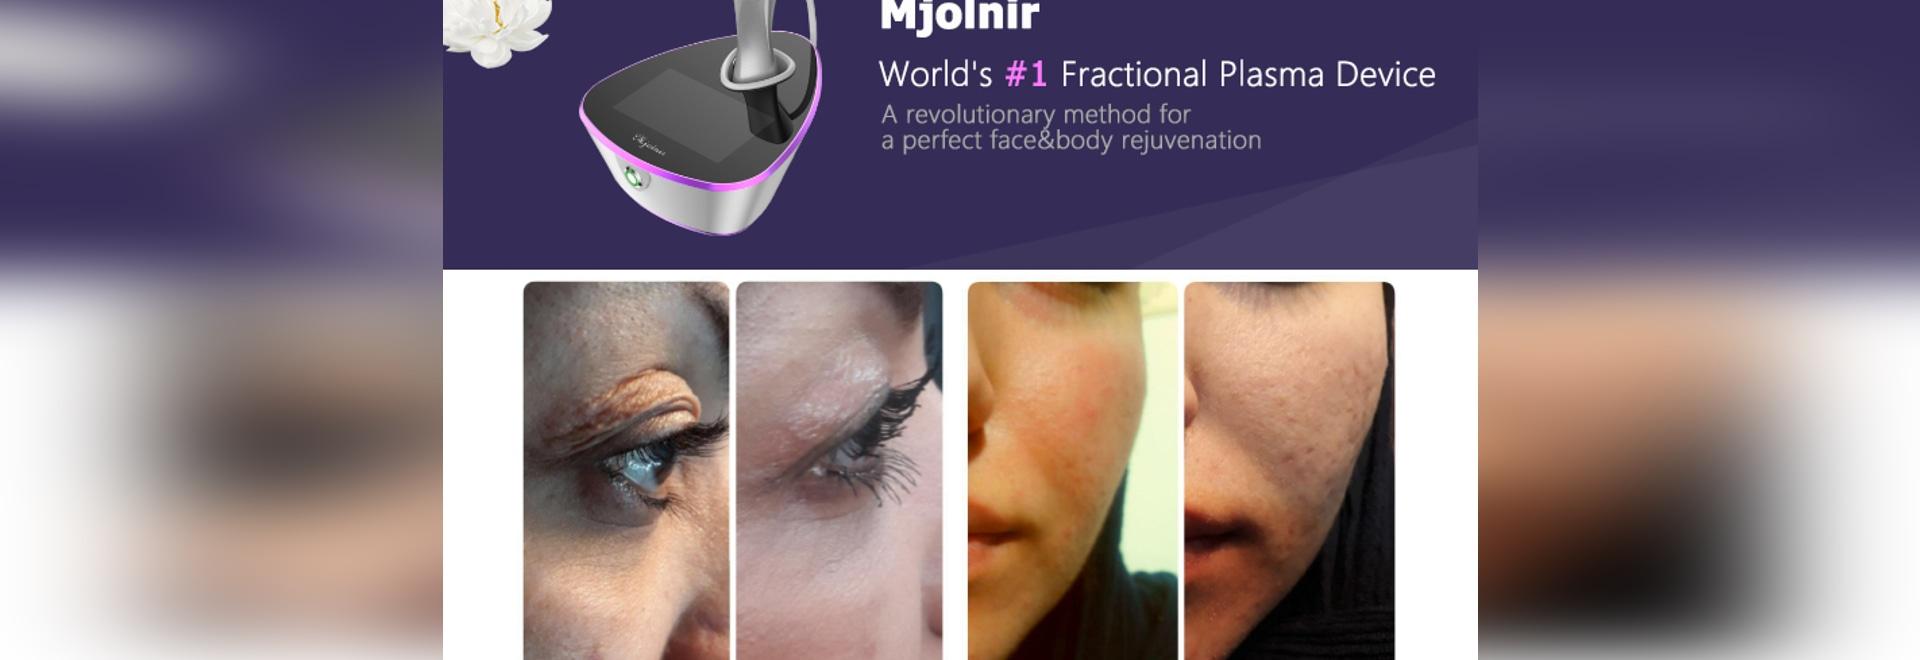 Il primo dispositivo al plasma frazionario al mondo - MjoInir